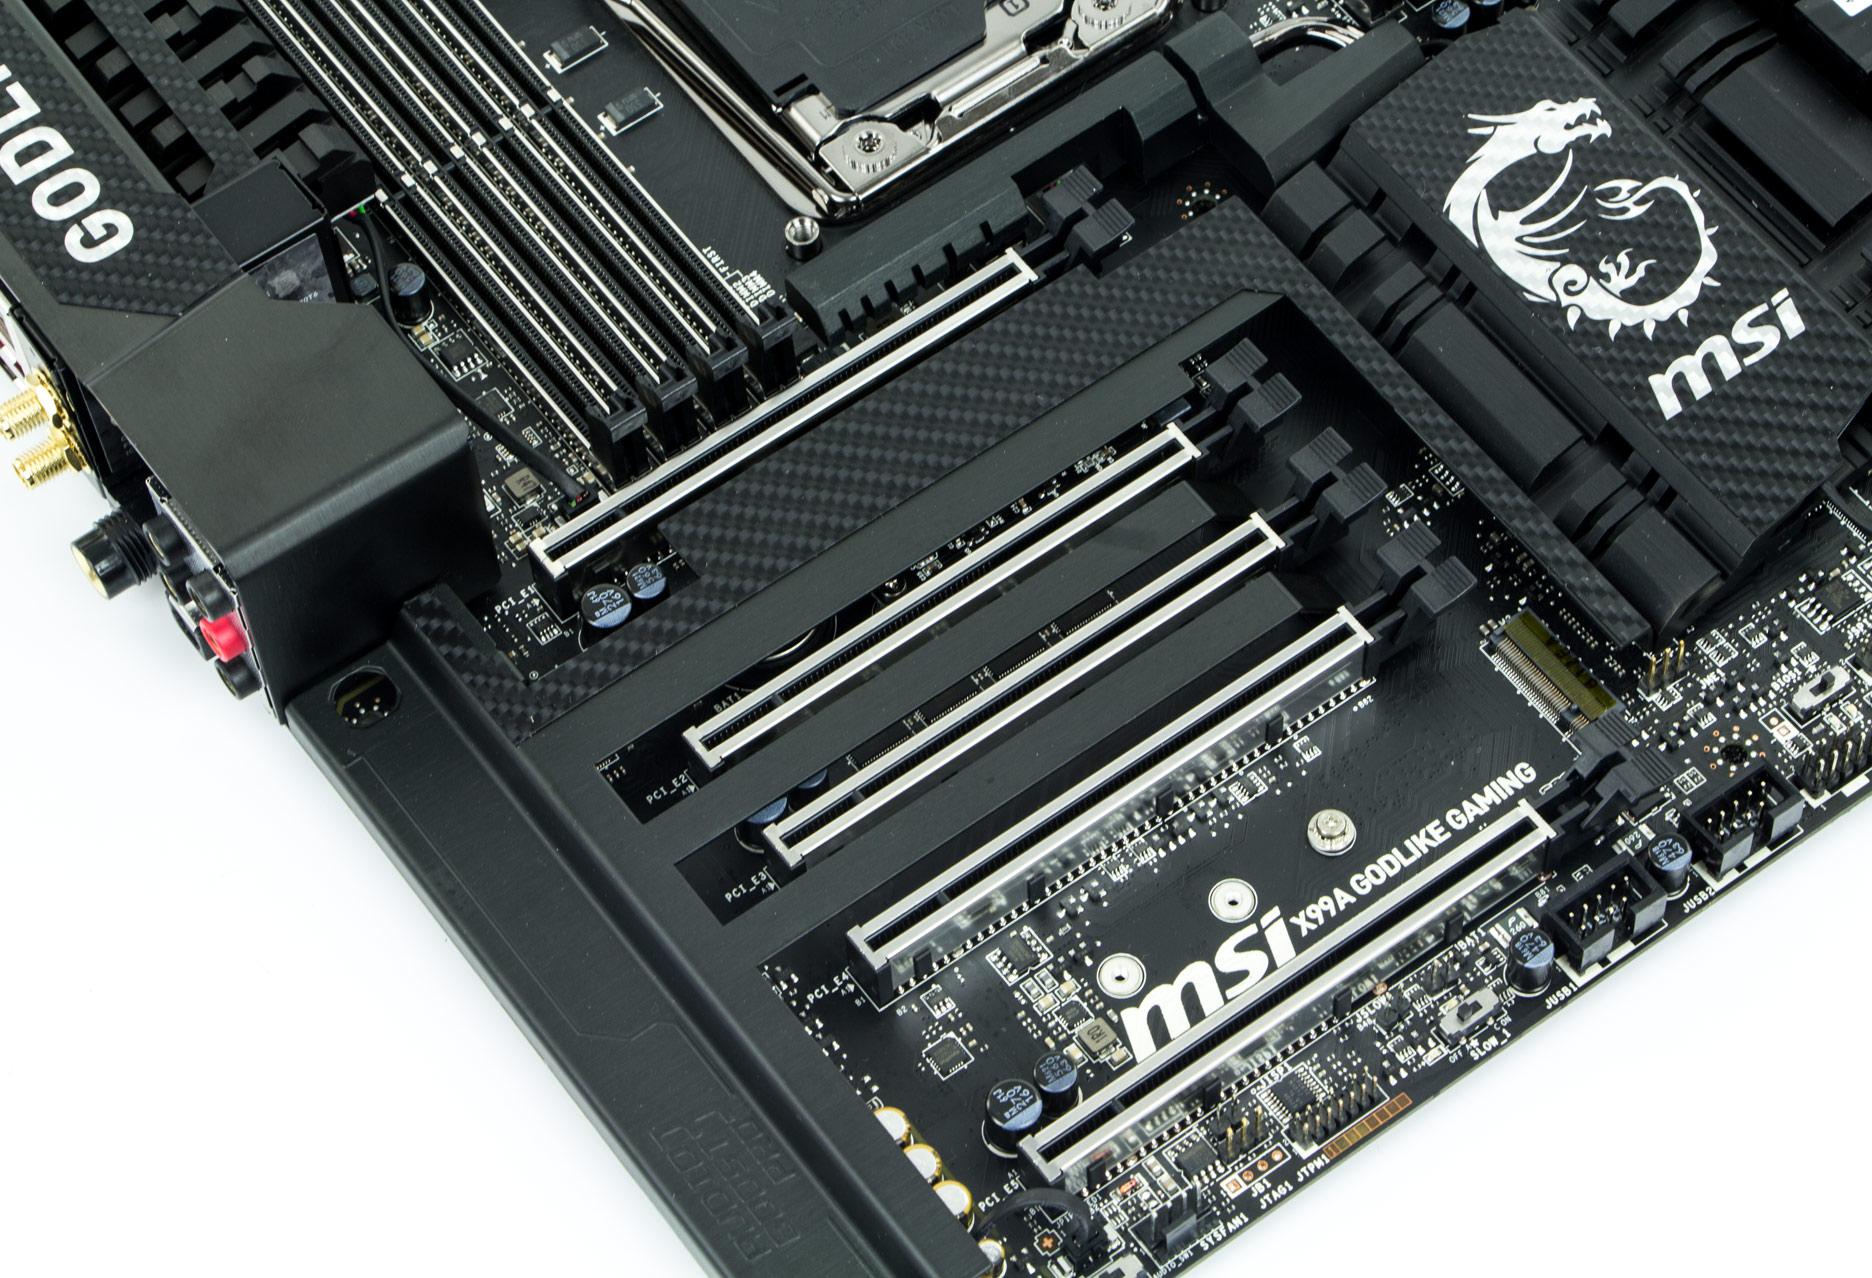 Msi X99a Godlike Gaming Carbon Jest Moc Producent Udostpni Nam Pi Slotw Pci Express X16 Oczywicie W Wersji 30 Zadbano O Obsug Technologii Sli I Cfx Rwnie Najwydajniejszej